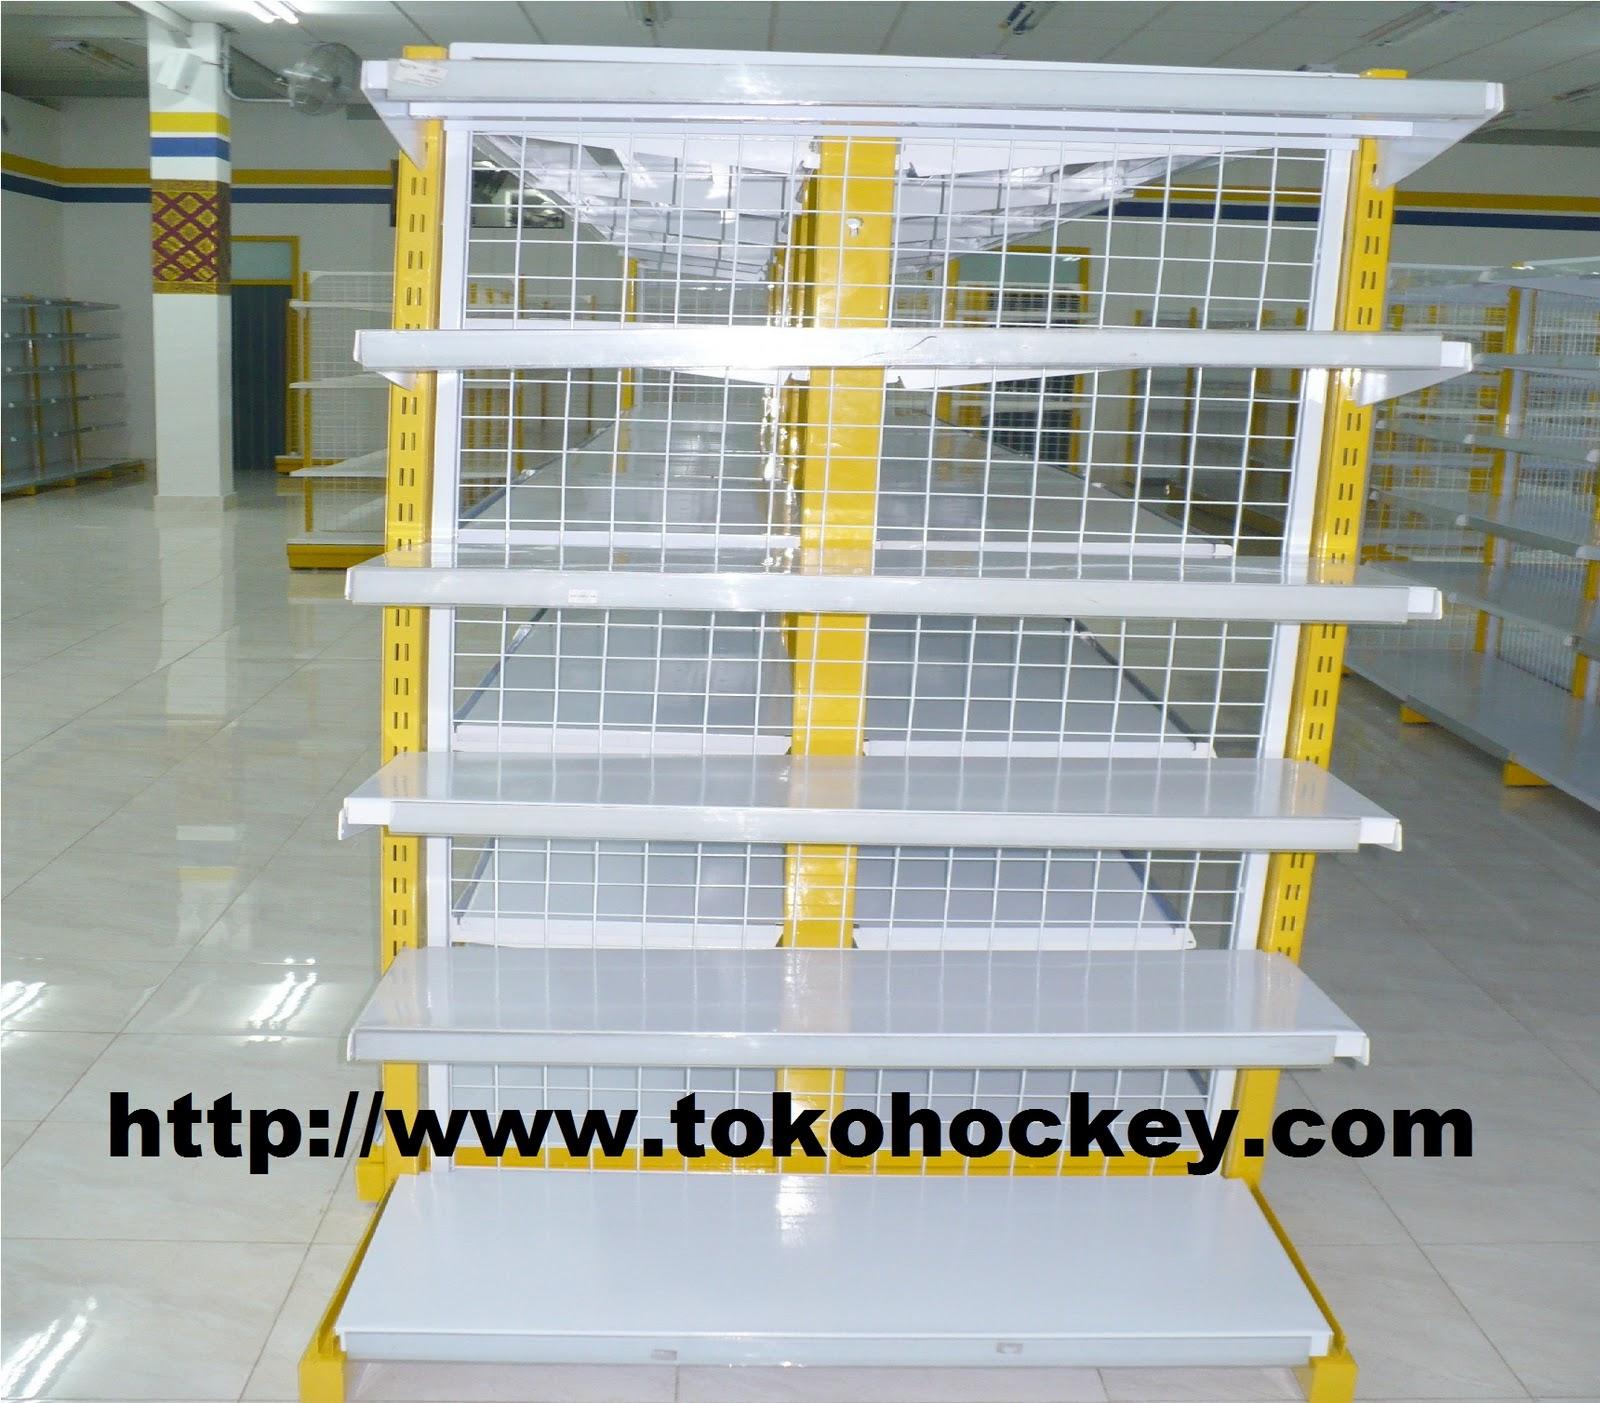 Download image Rak Supermarket Minimarket Toko Swalayan Gondola PC